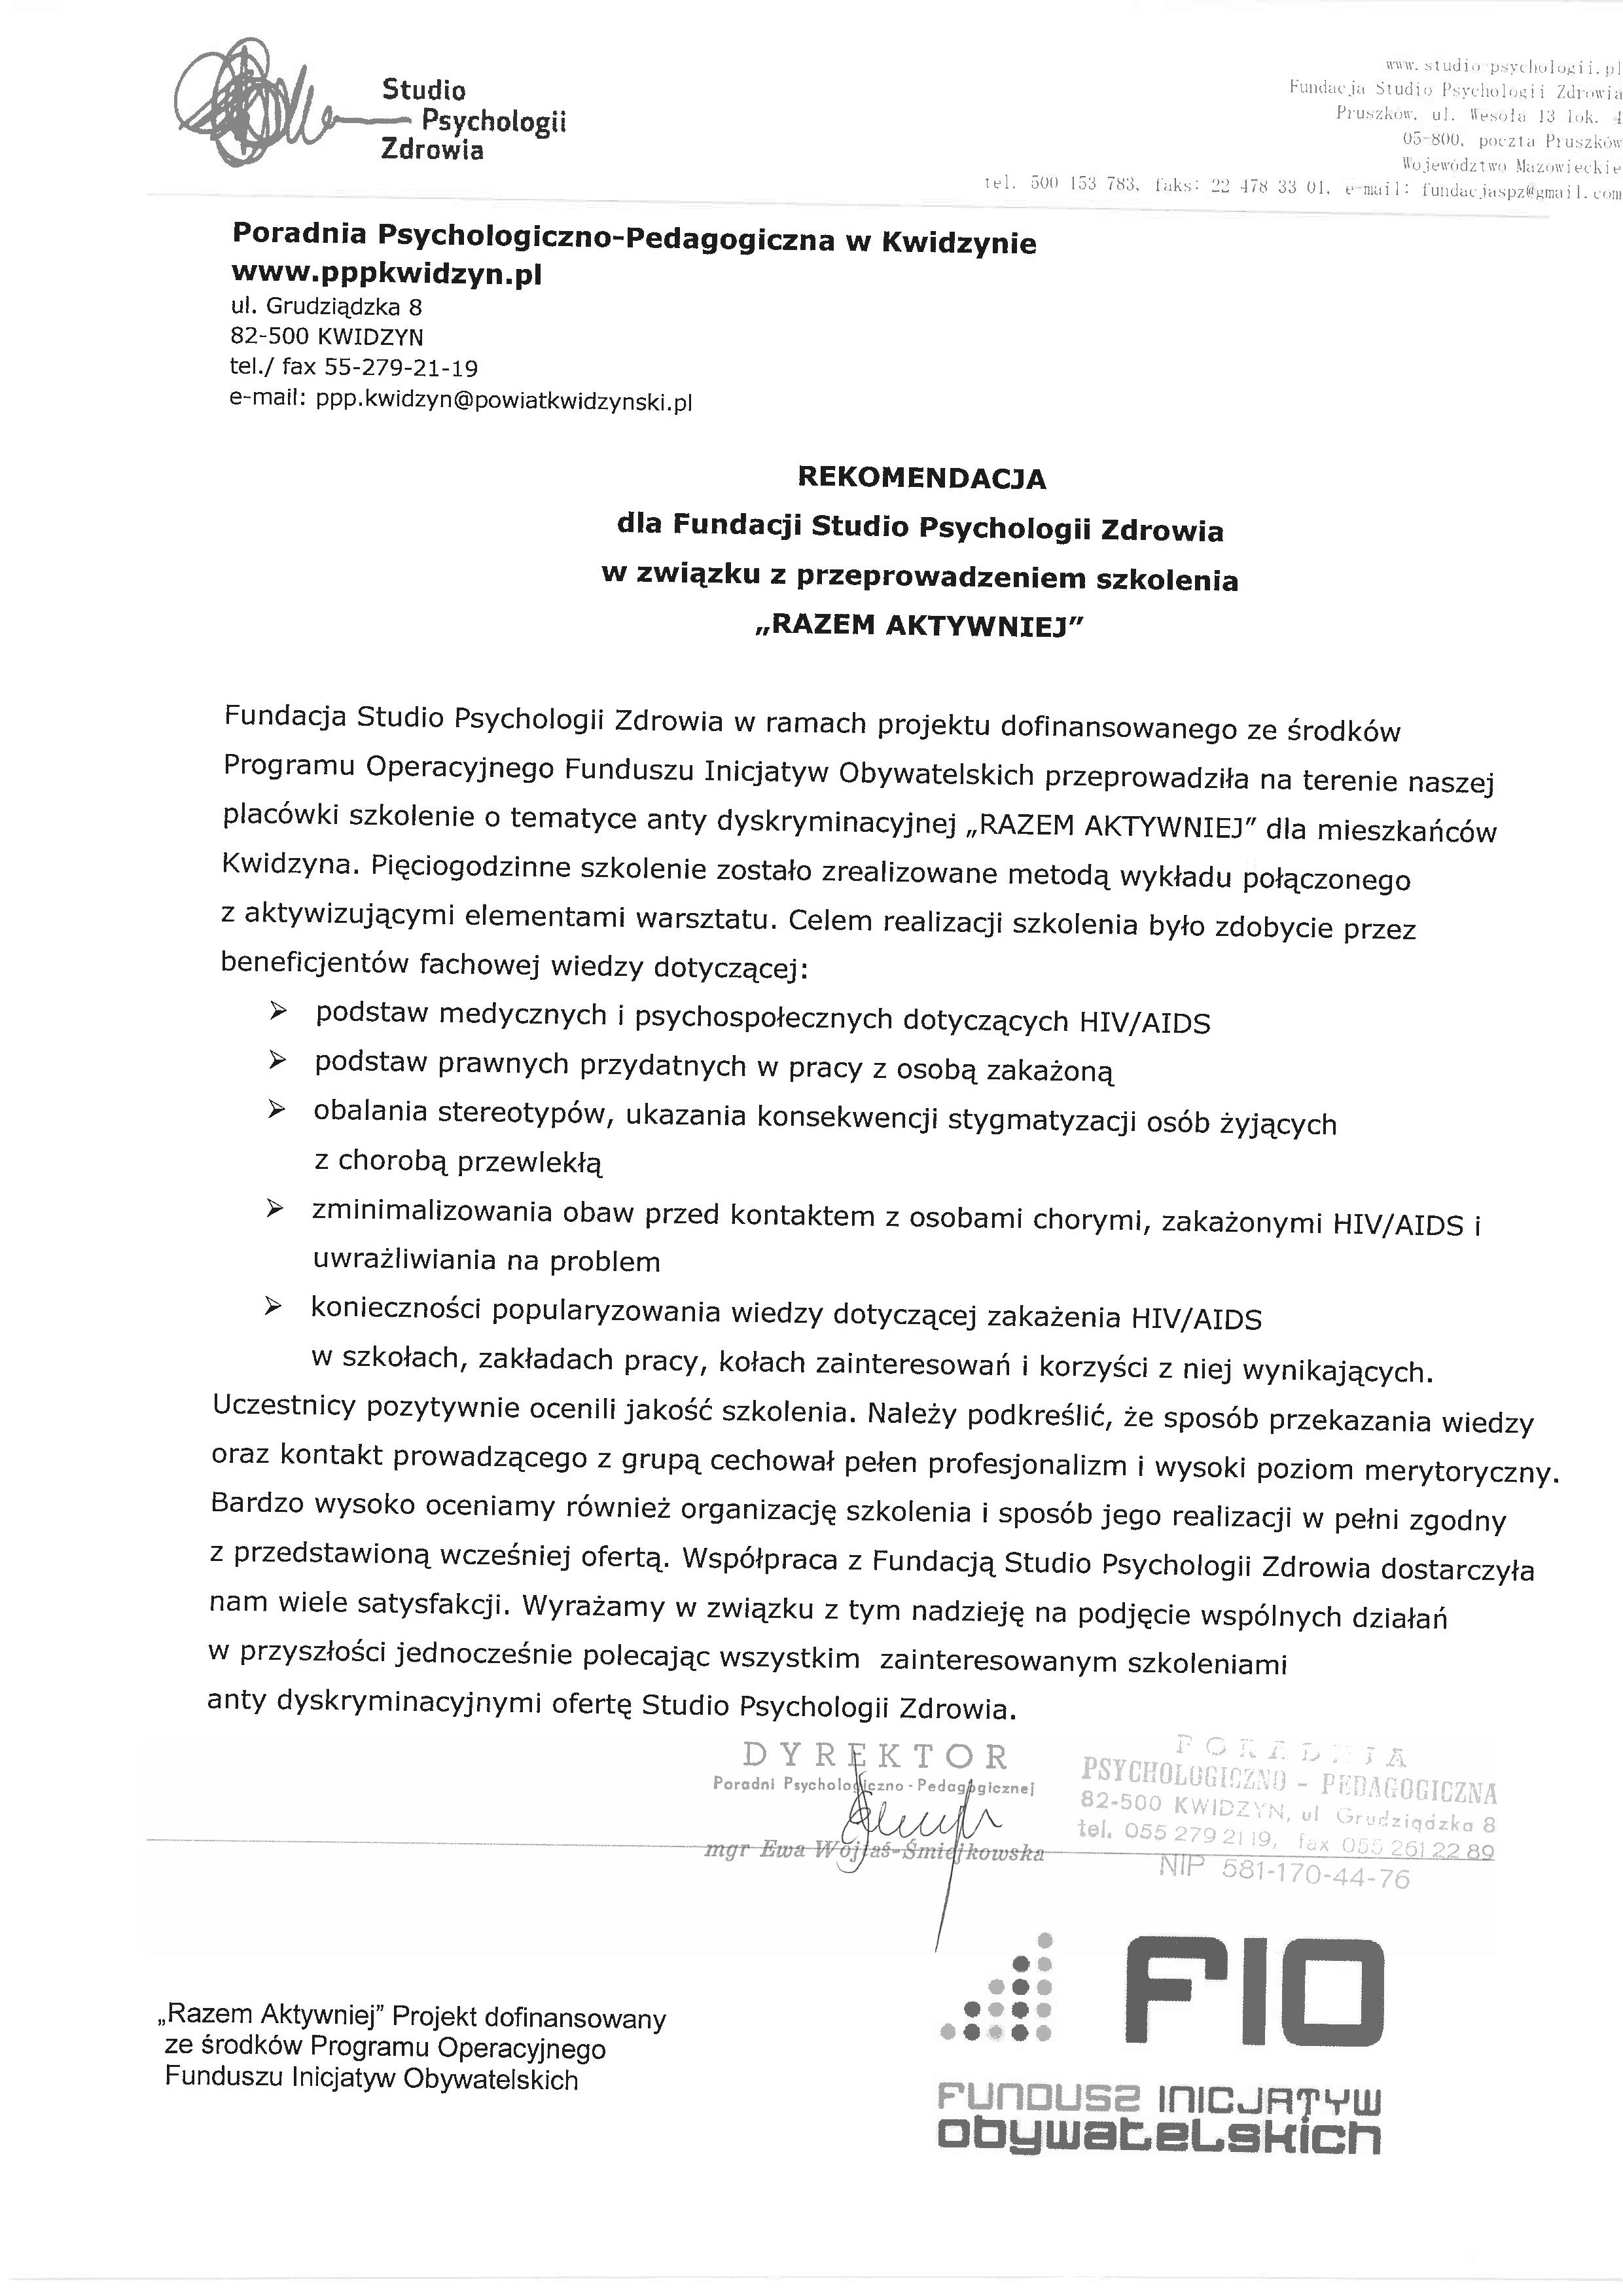 Poradnia Psychologiczno-Pedagogiczna w Kwidzynie-1